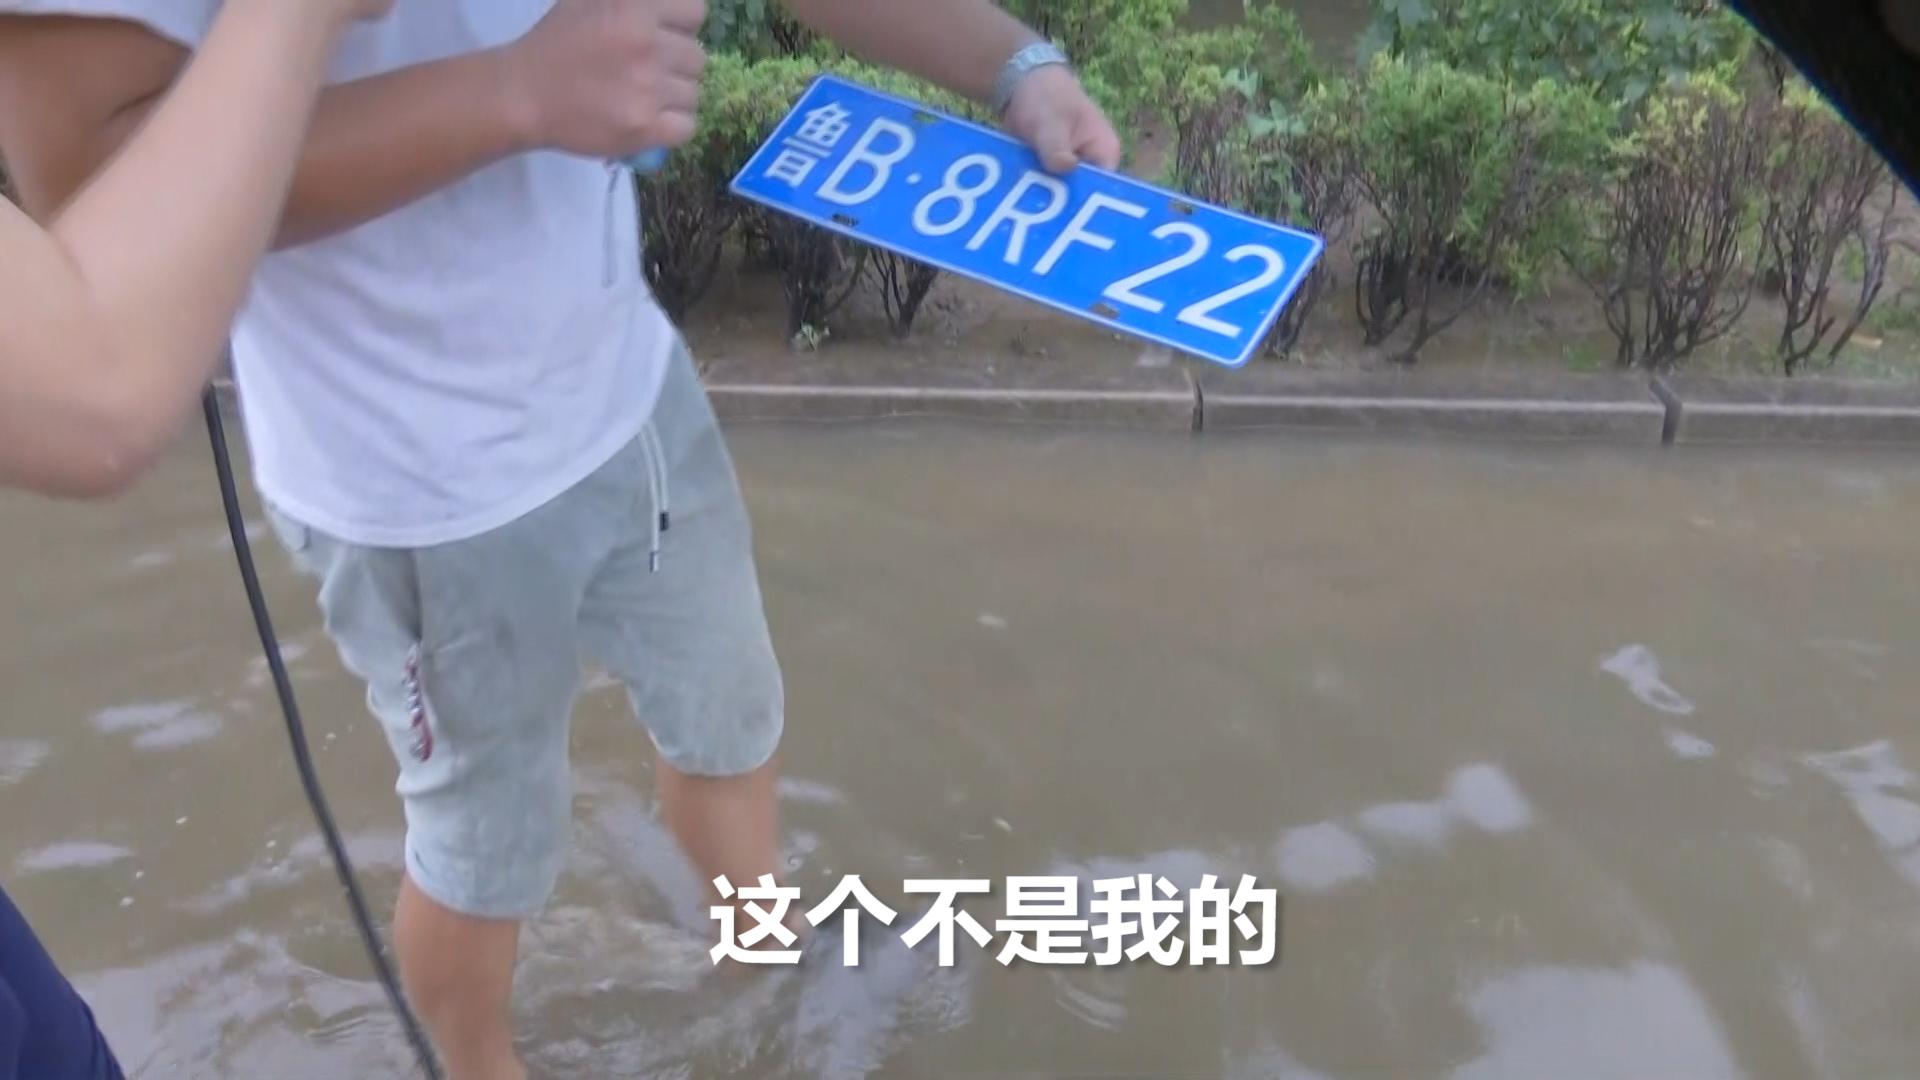 53秒丨平阴成济南最大降水点 道路积水车牌被冲走车主蹚水打捞